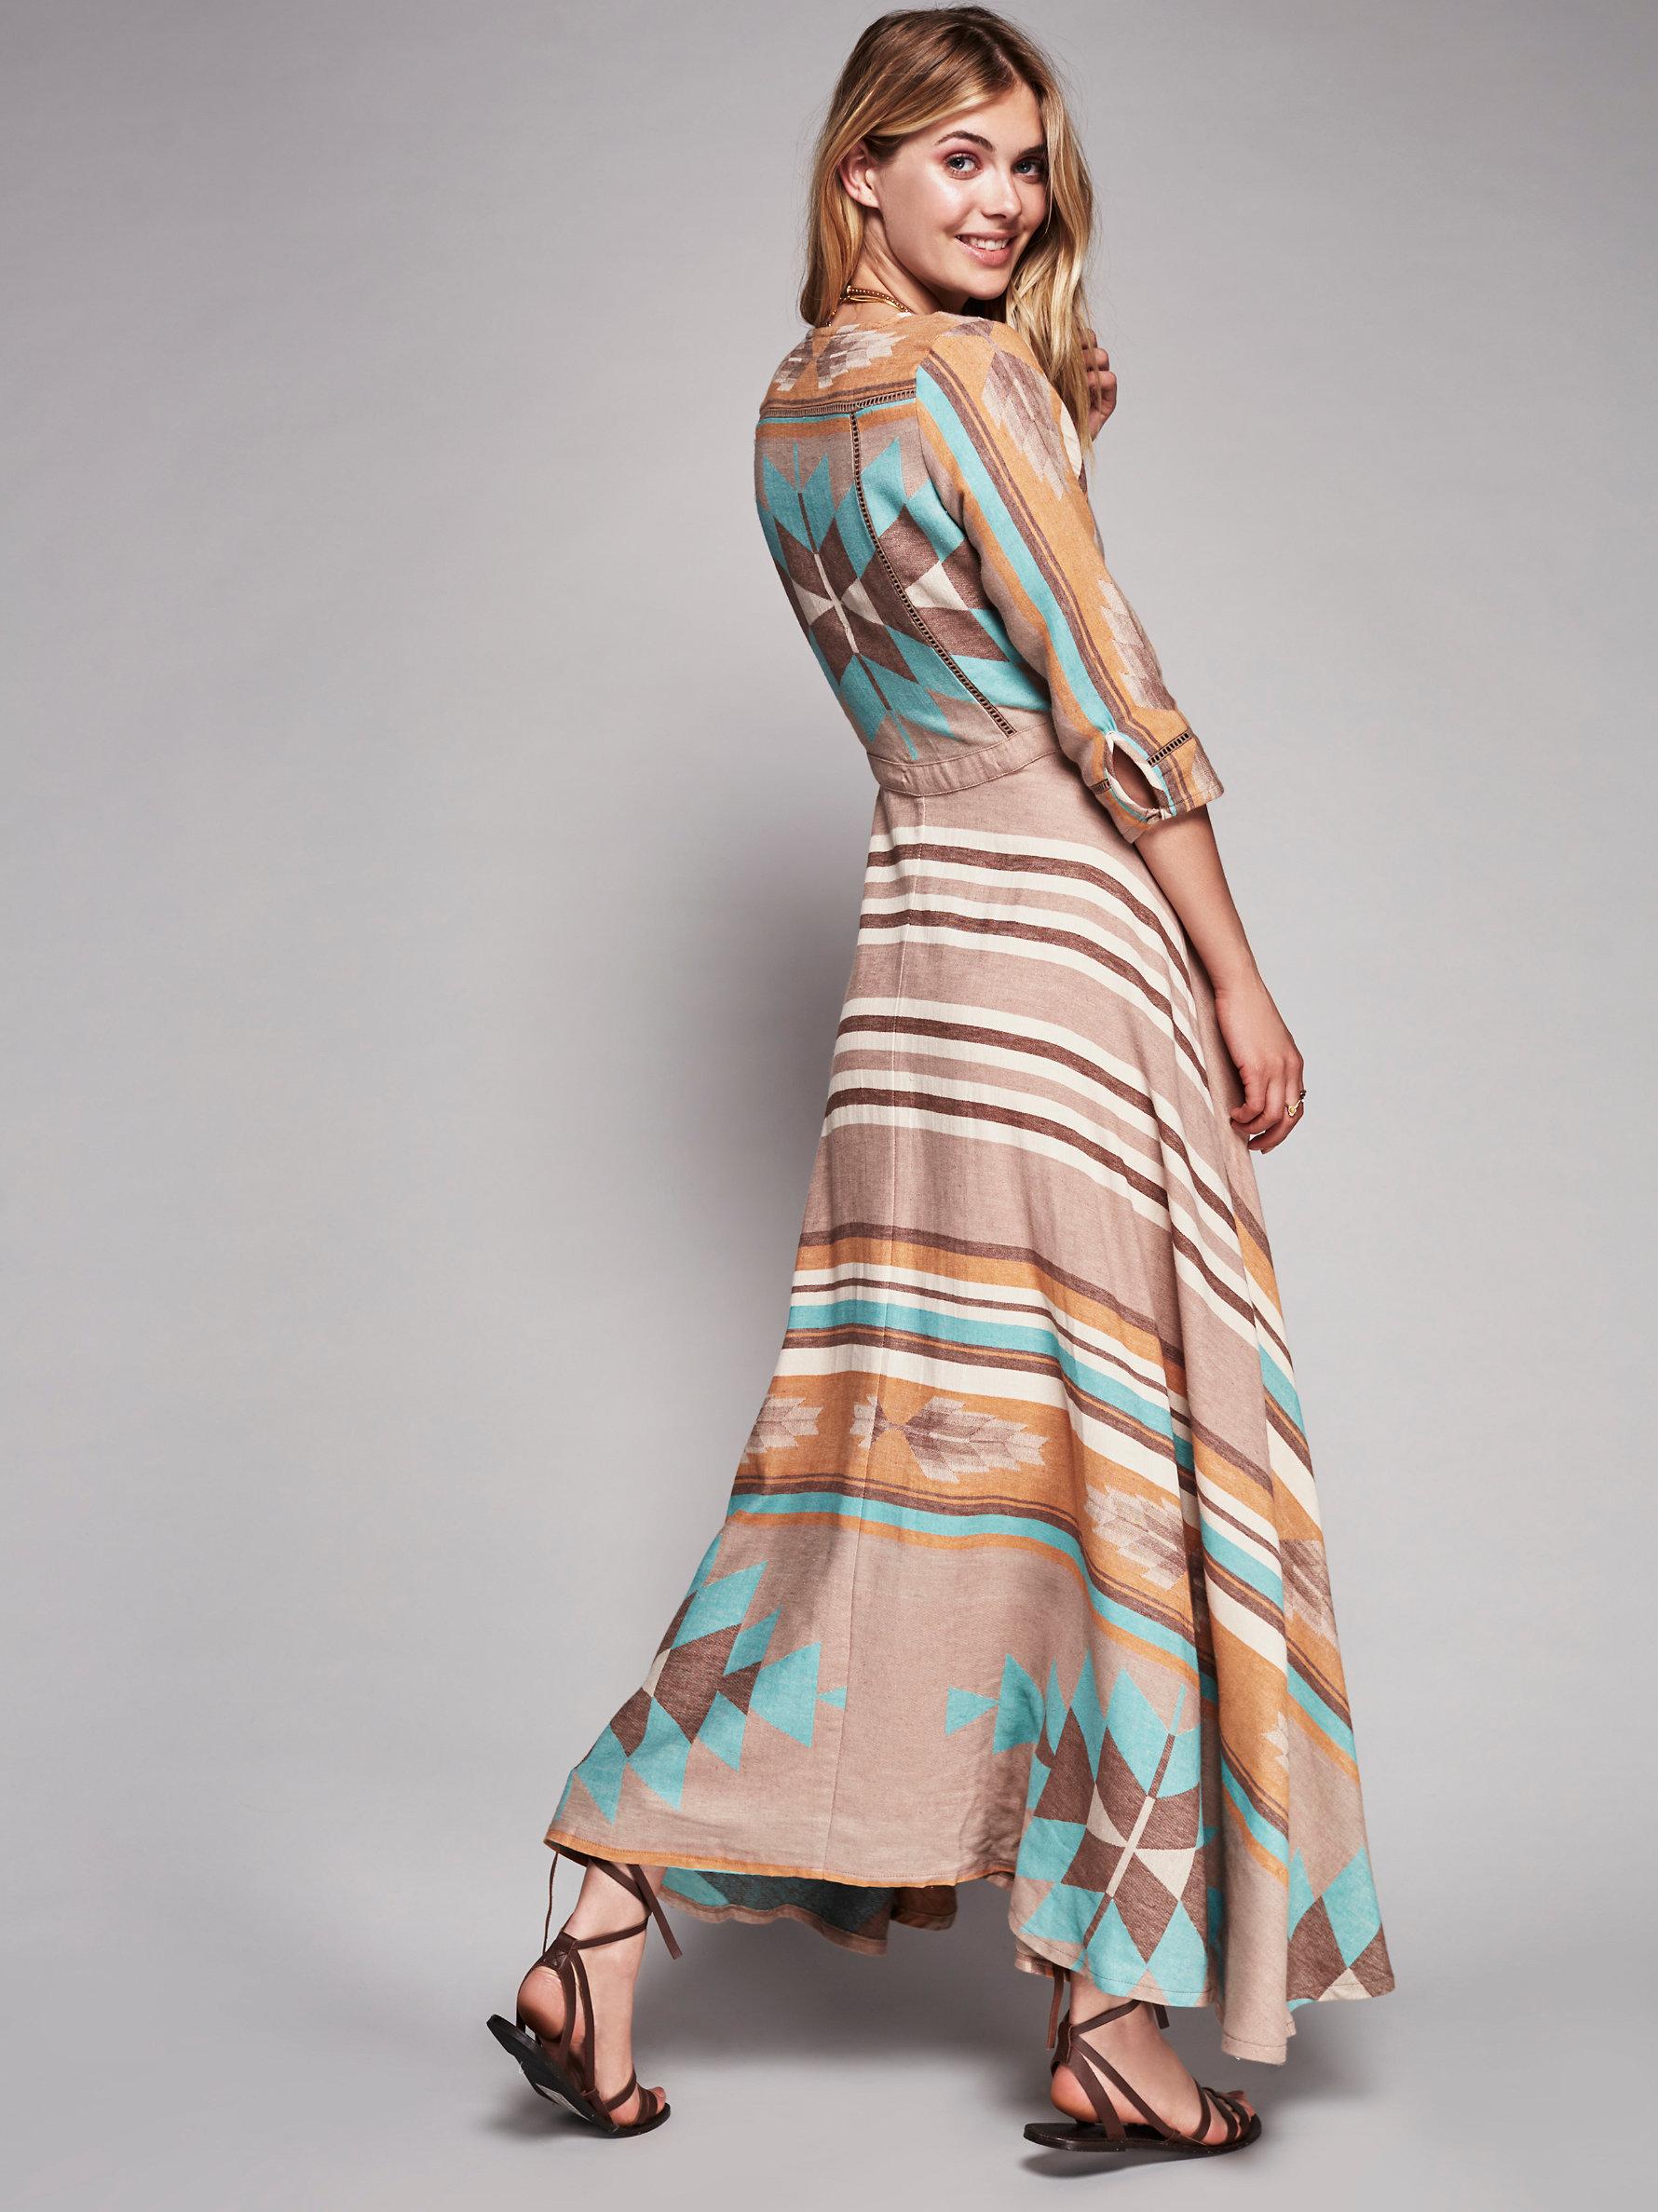 Lyst - Free People Peyote Gown